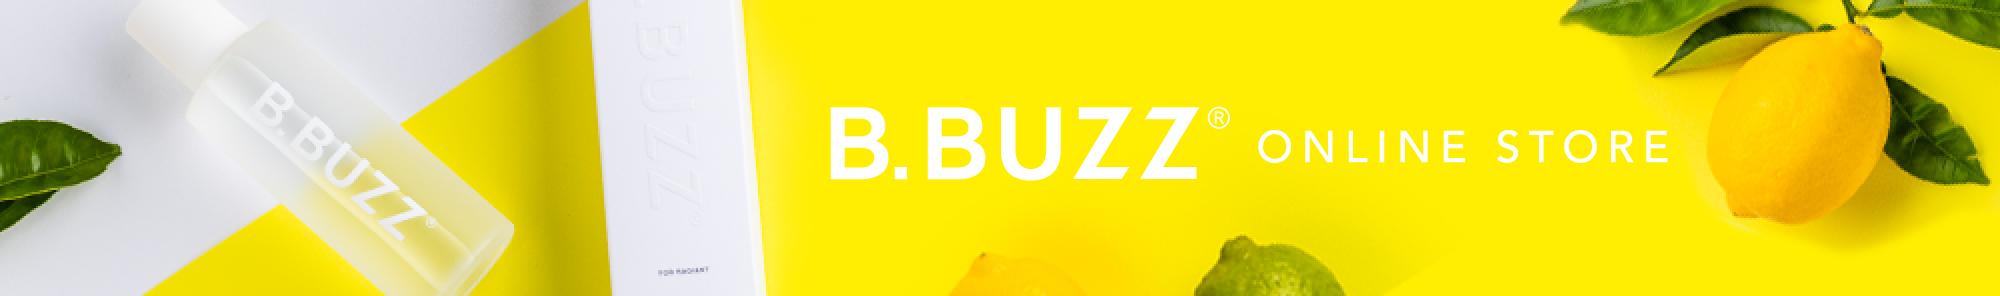 B.BUZZオンラインショップ